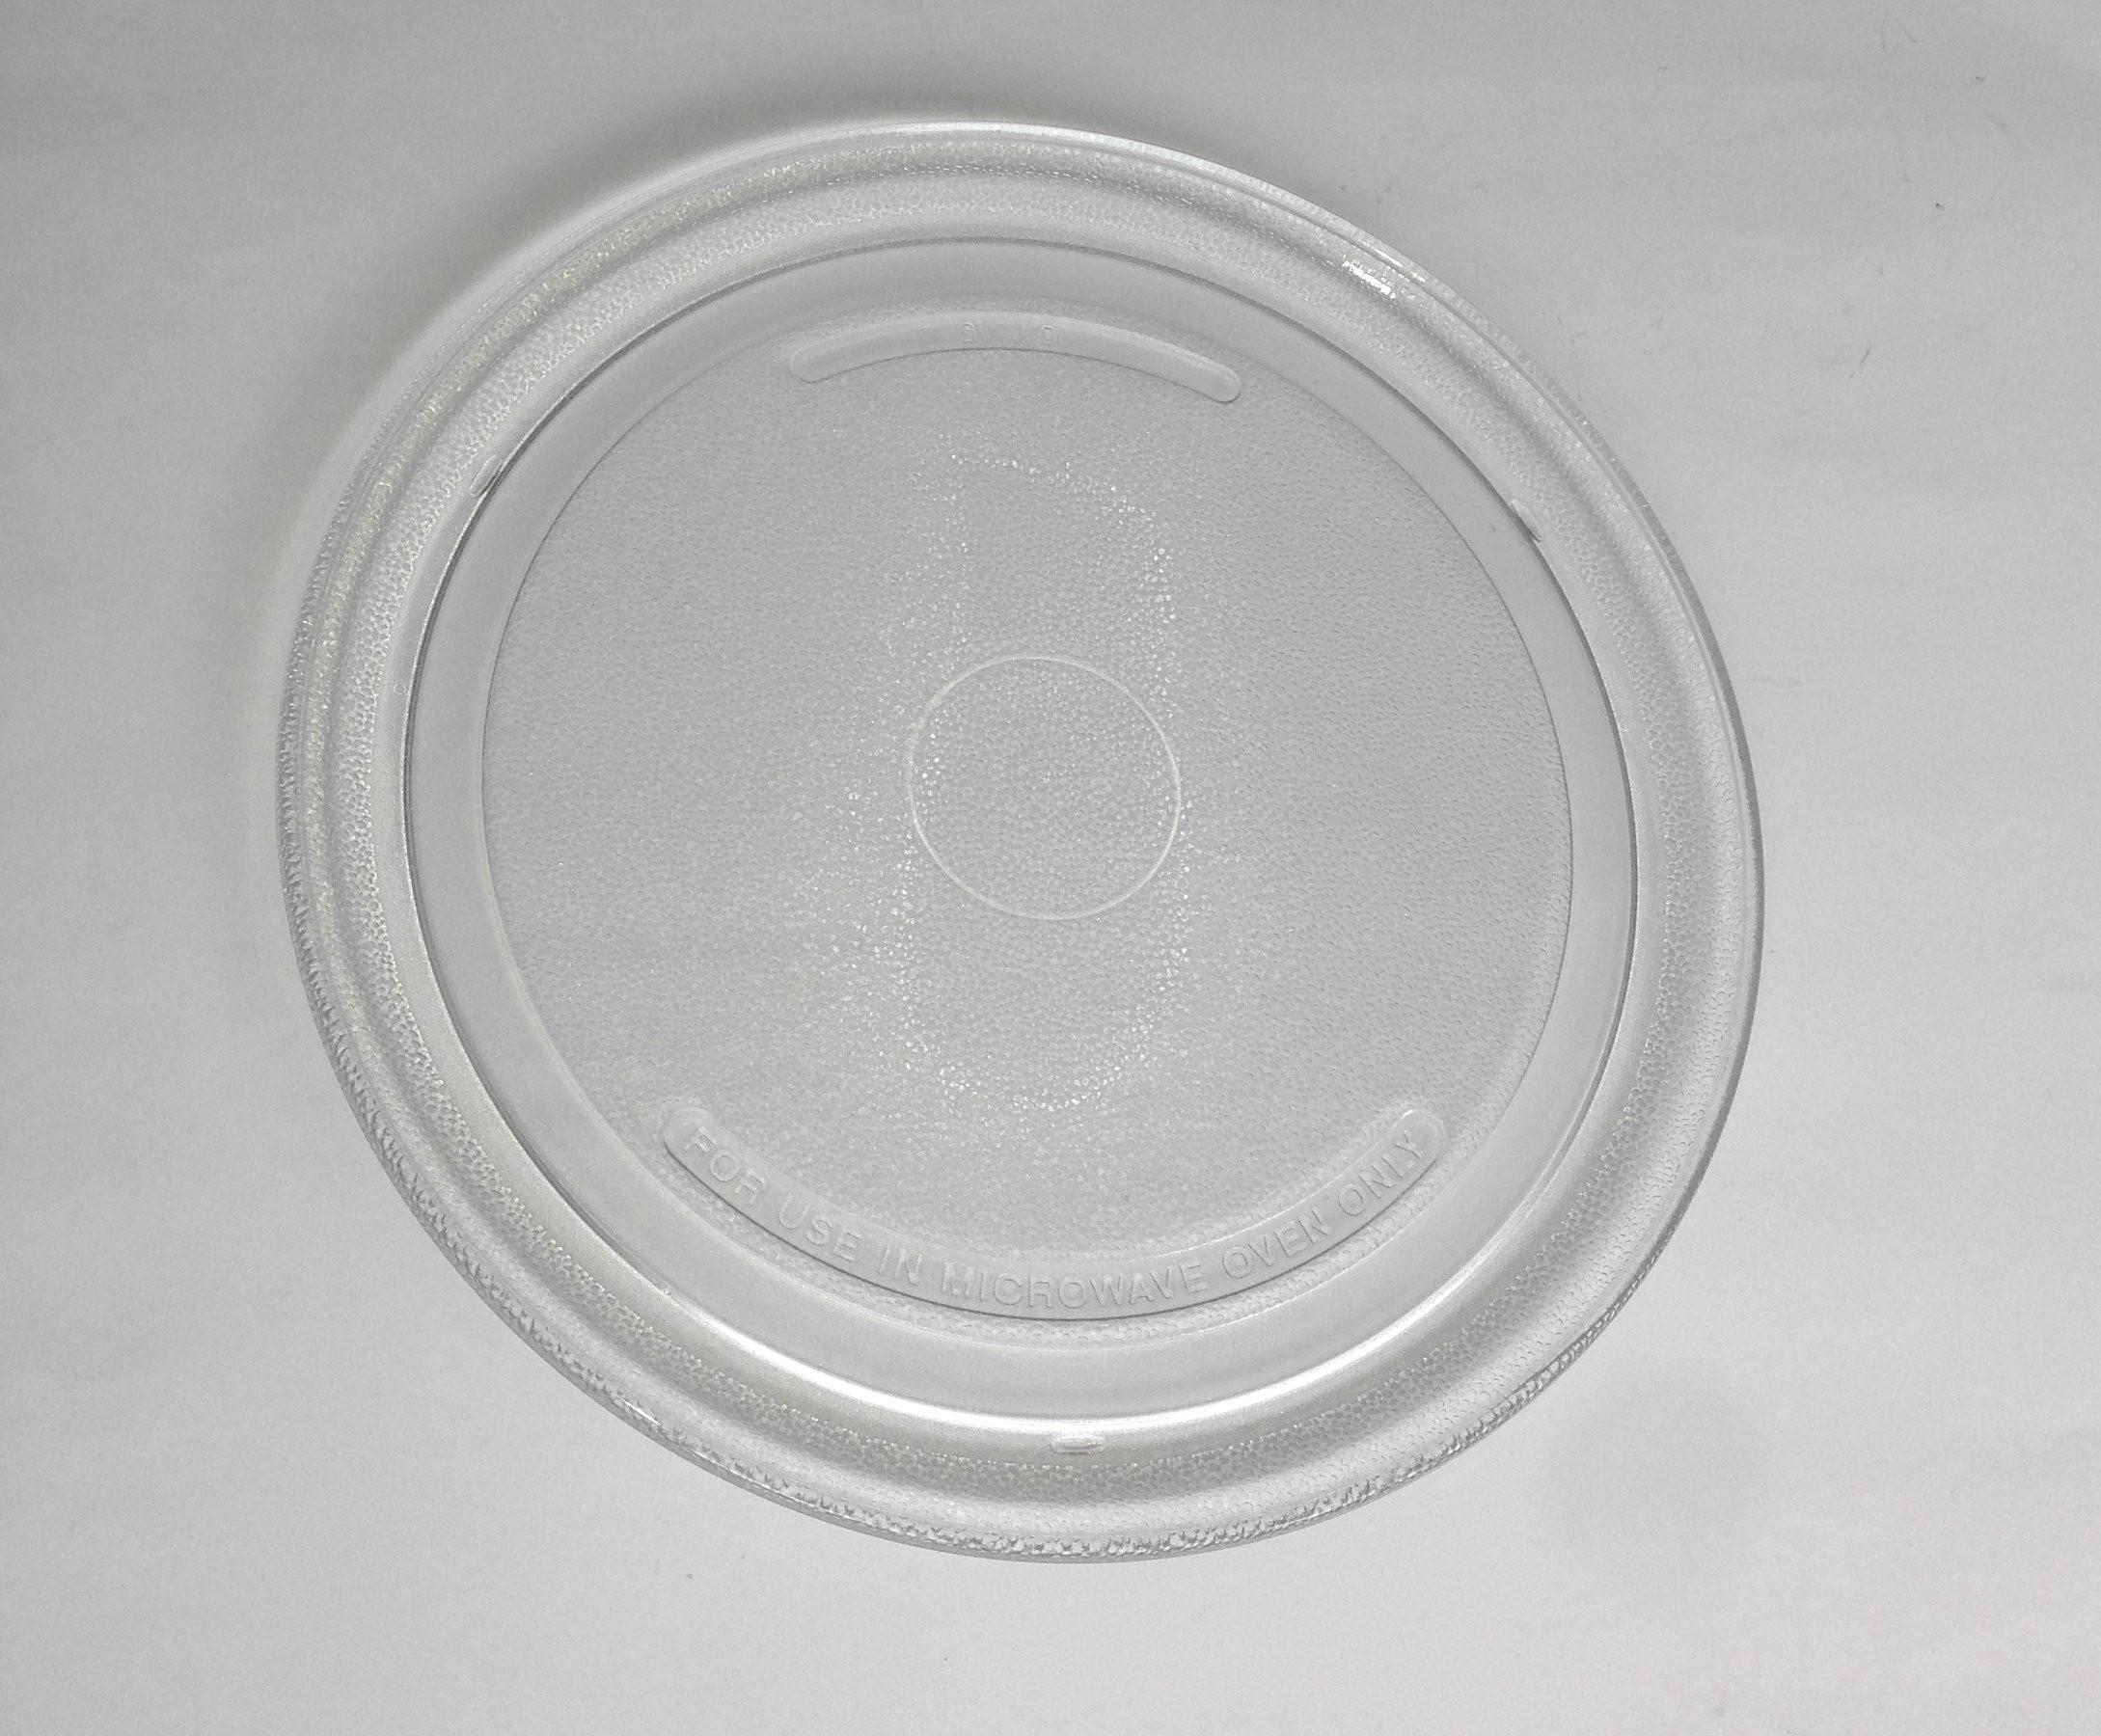 Paket Drehteller Glas Mikrowelle Durchmesser 273 Mm Bauknecht